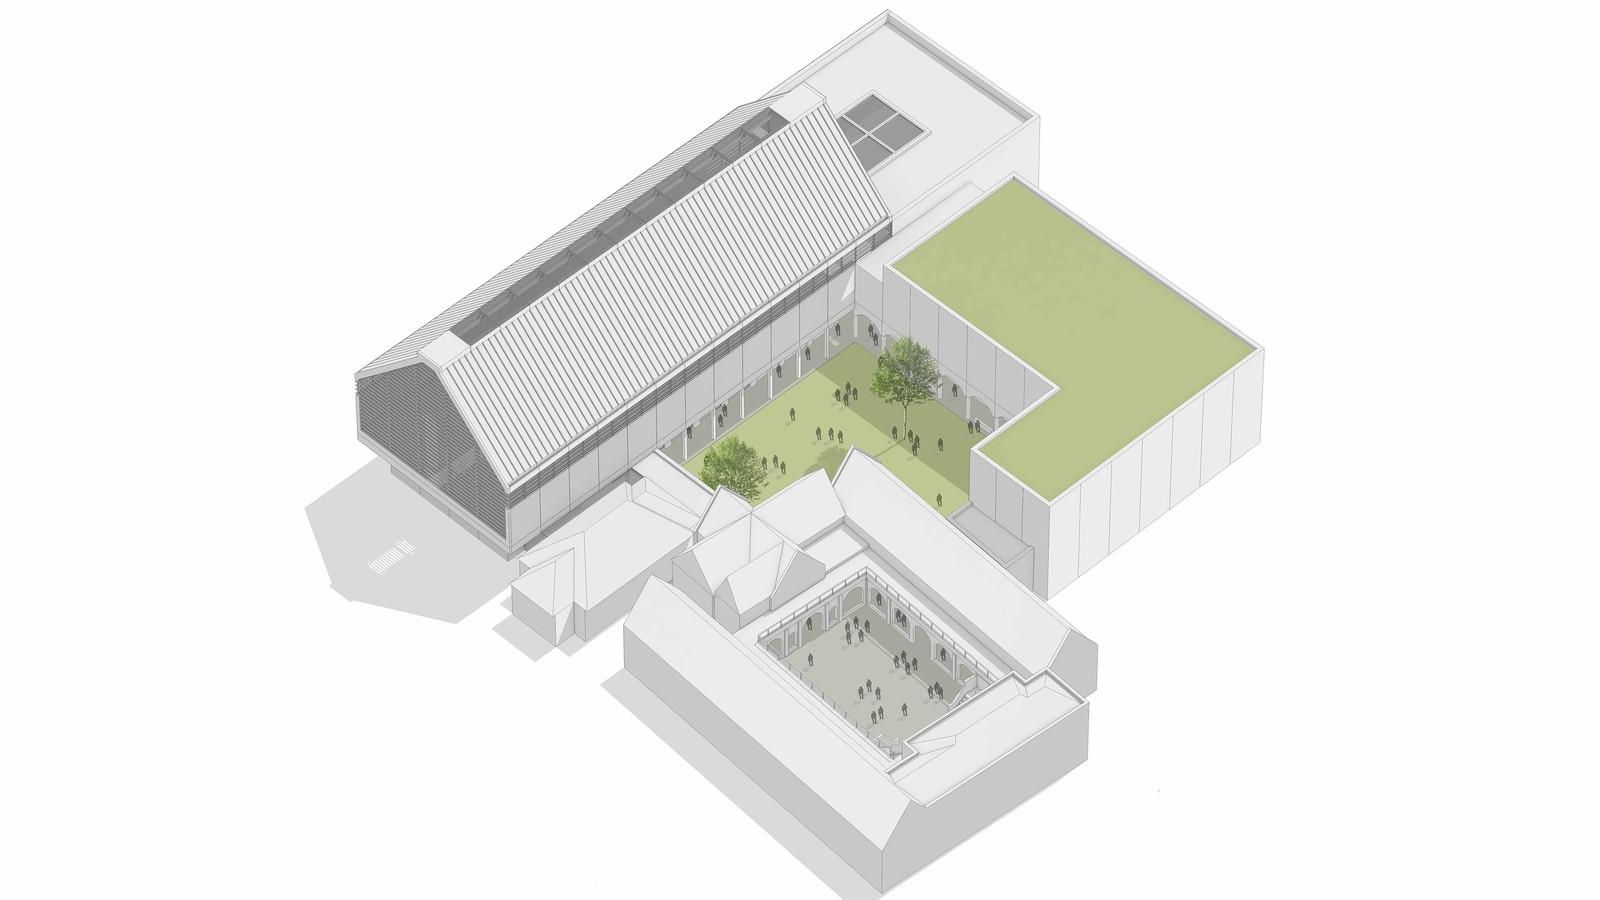 Benenden School Masterplan 1